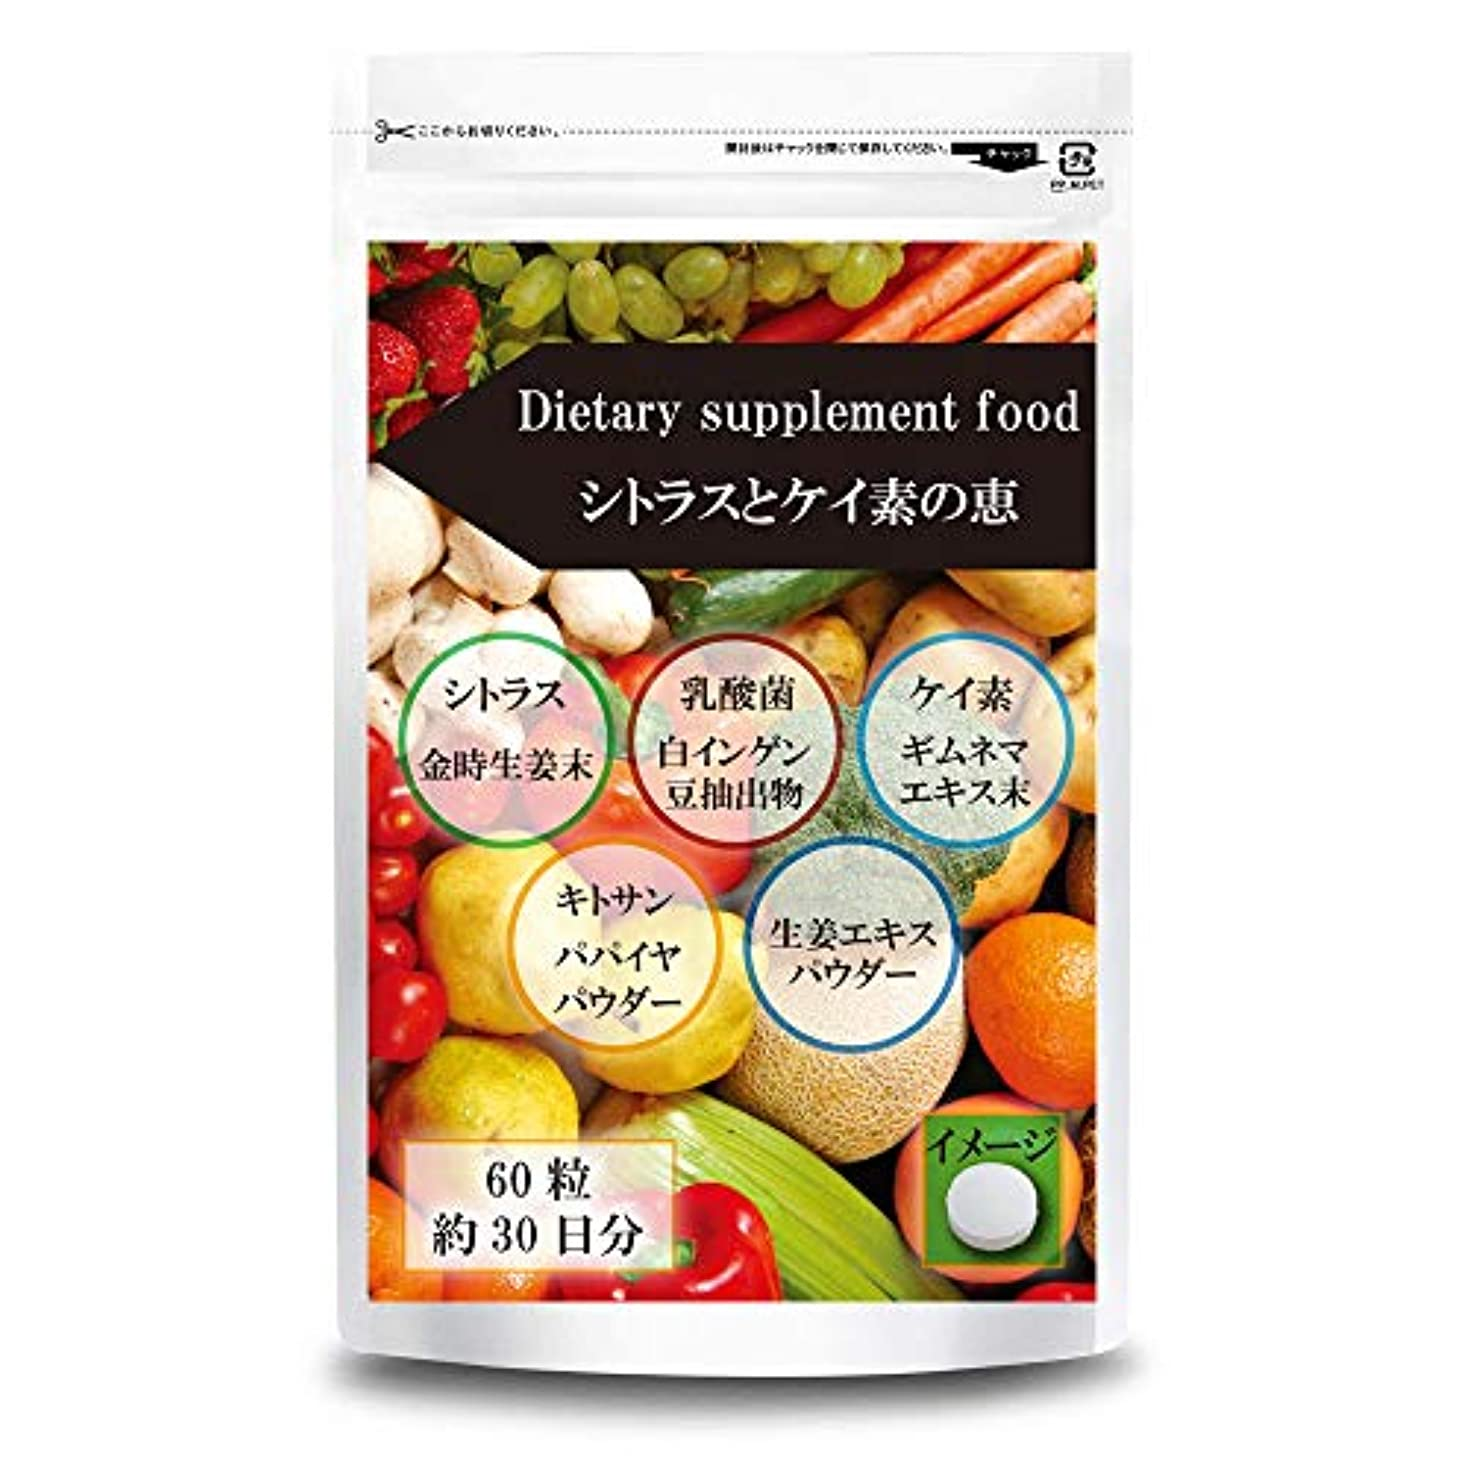 累積オートアンケートシトラスとケイ素の恵 トータルサポート ダイエット サプリメント 【60粒約30日分】